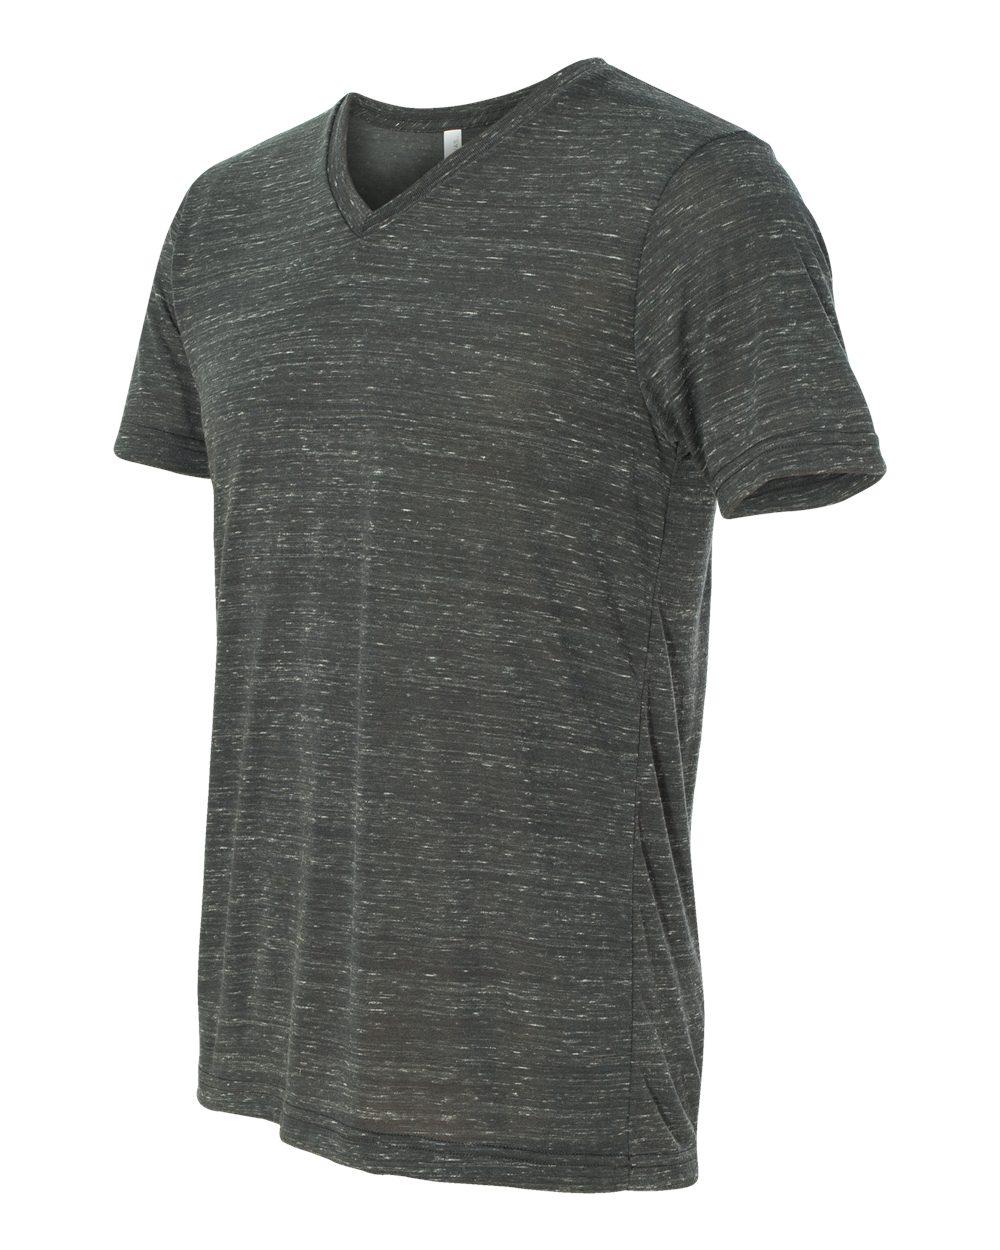 Bella-Canvas-Men-039-s-Jersey-Short-Sleeve-V-Neck-T-Shirt-3005-XS-3XL thumbnail 3